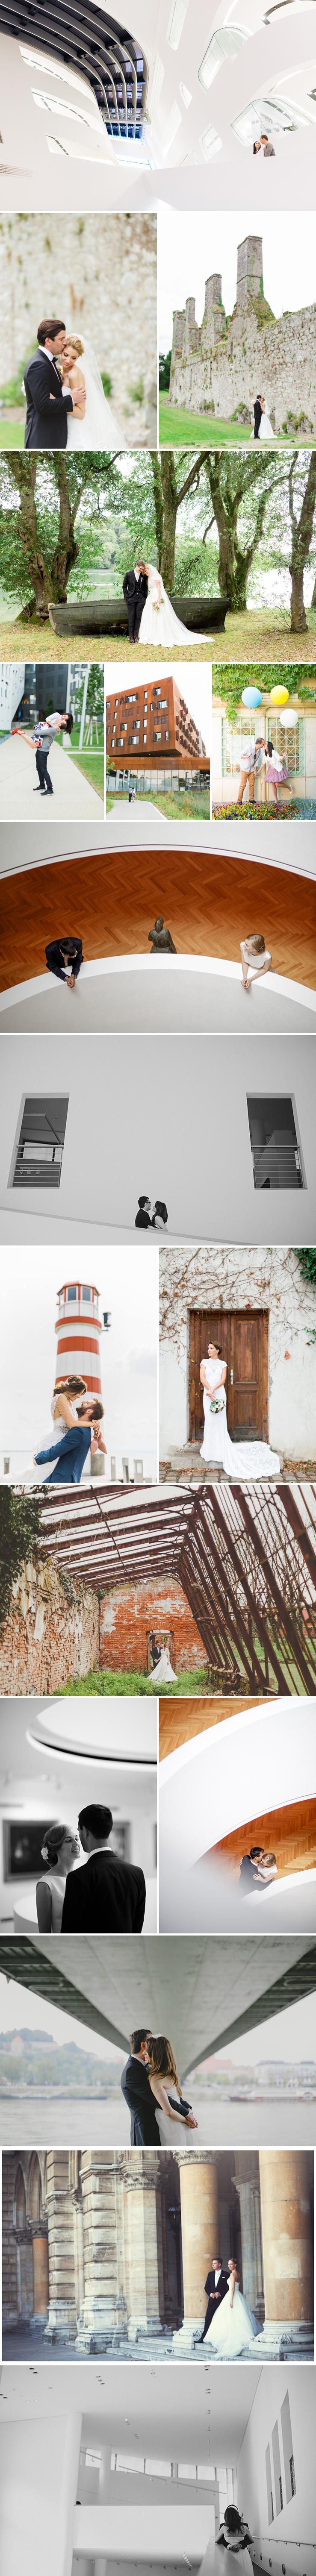 Perfect Day, svadba, slovensko, kde fotit svadobne portrety_0002